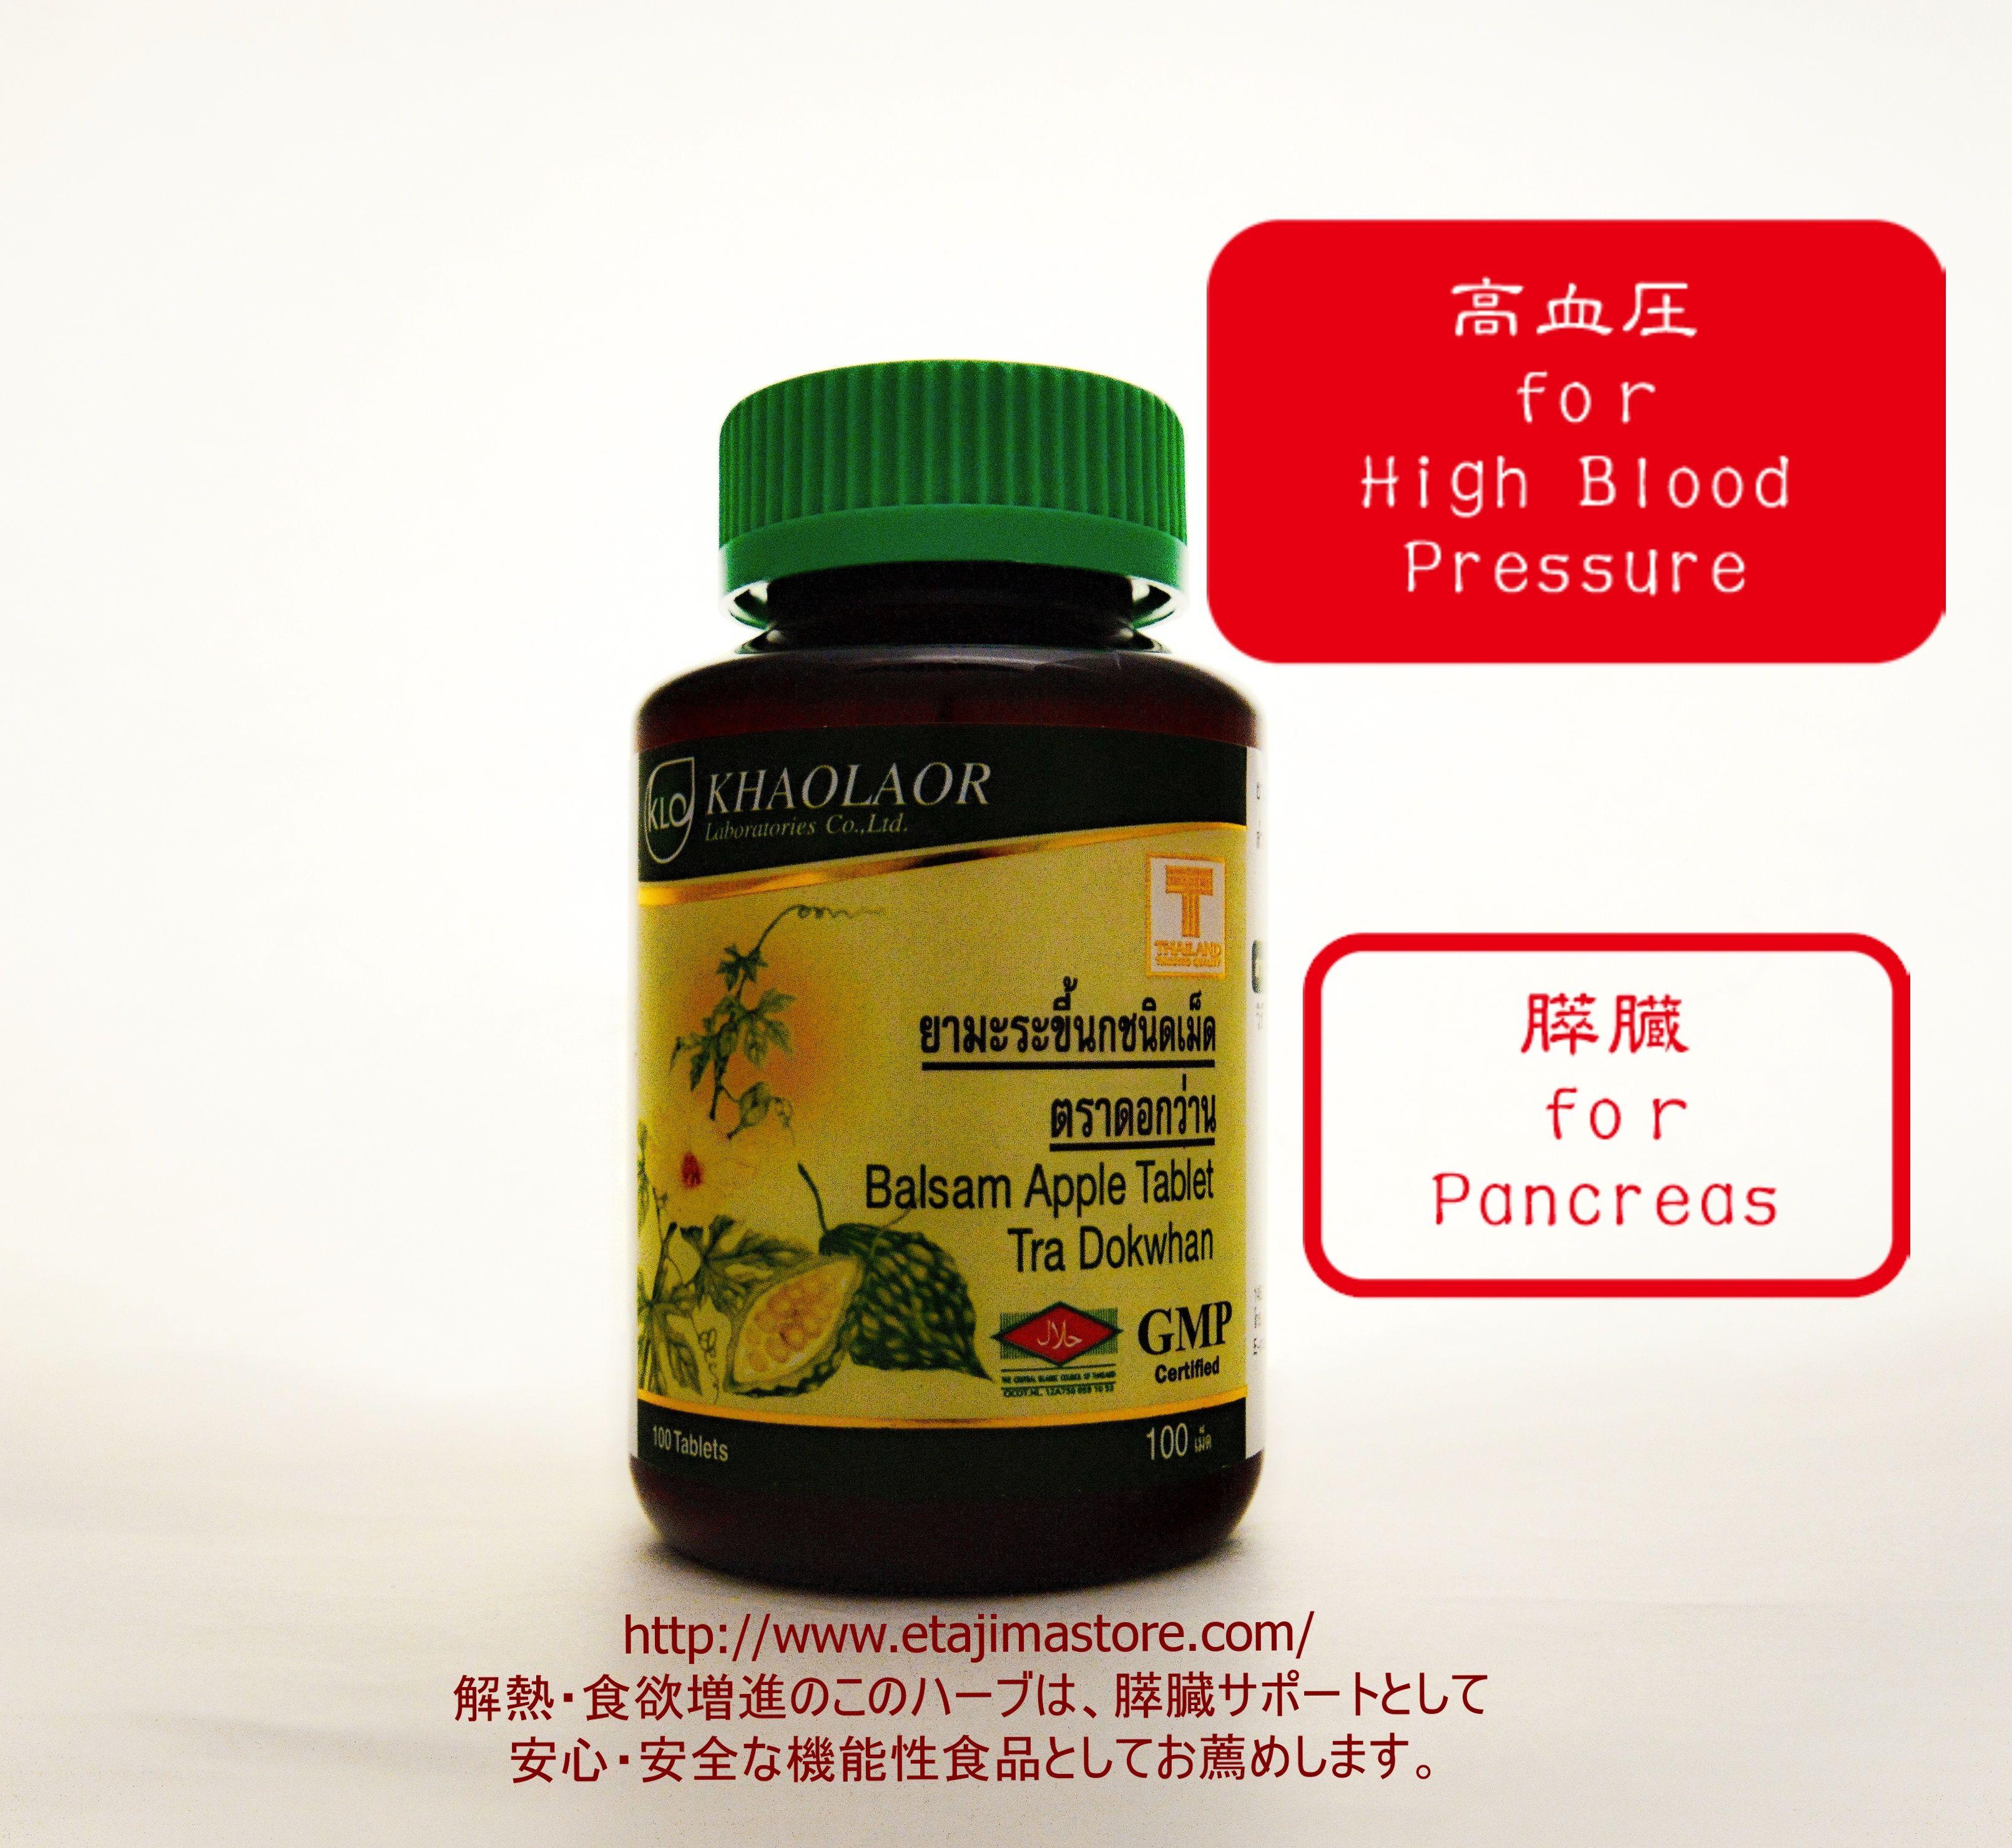 【高血圧】が気になる、【膵臓】が気になる方にお薦めのマラキーノック・ハーブ(全国どこでも送料無料)